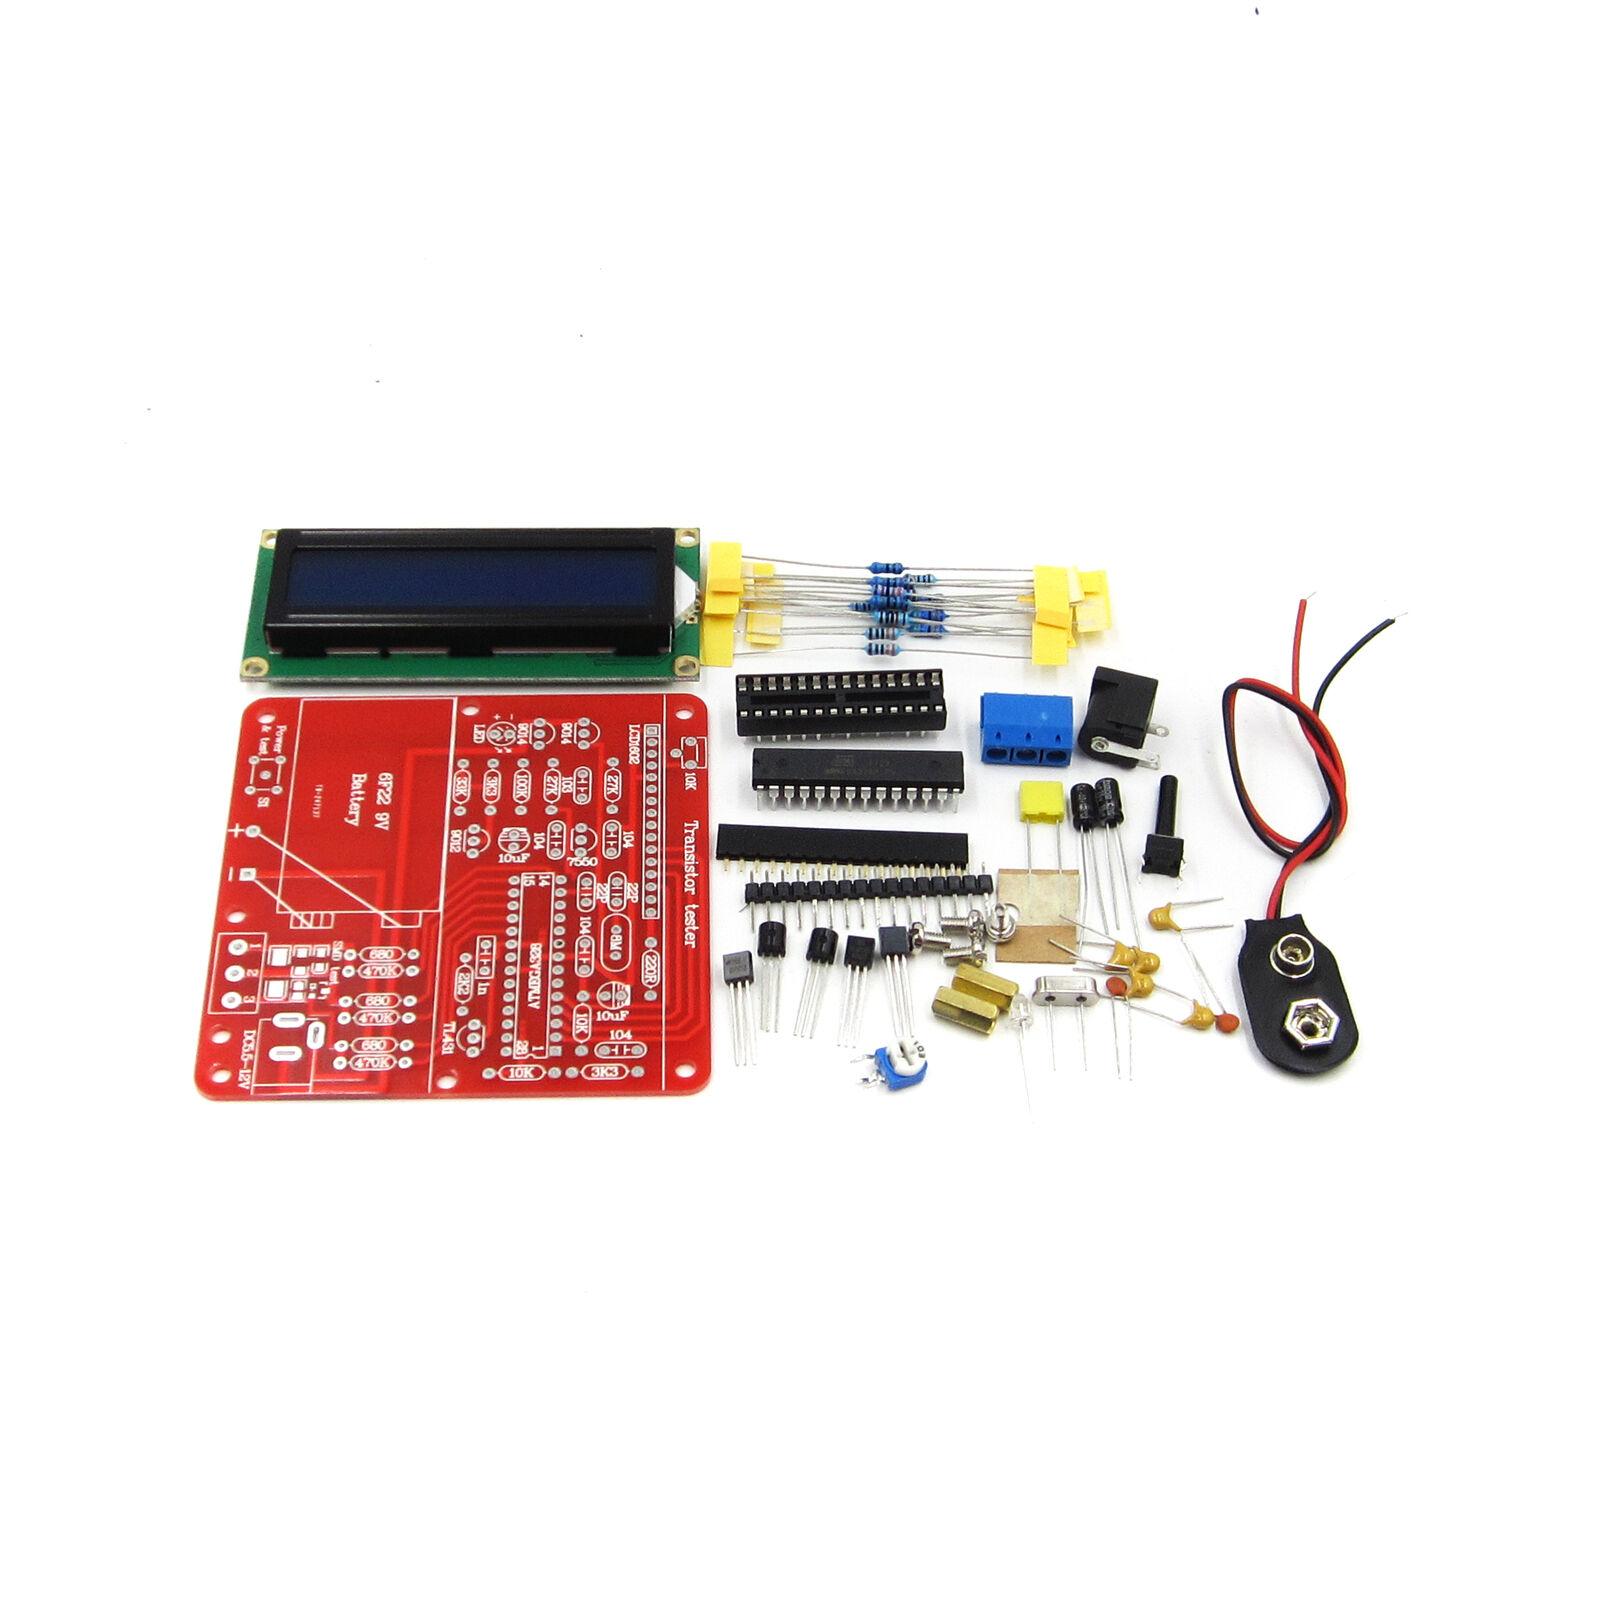 M8 Transistor Tester ESR Meter LC Meter Diode Triode Capacitance DIY Kit ATF